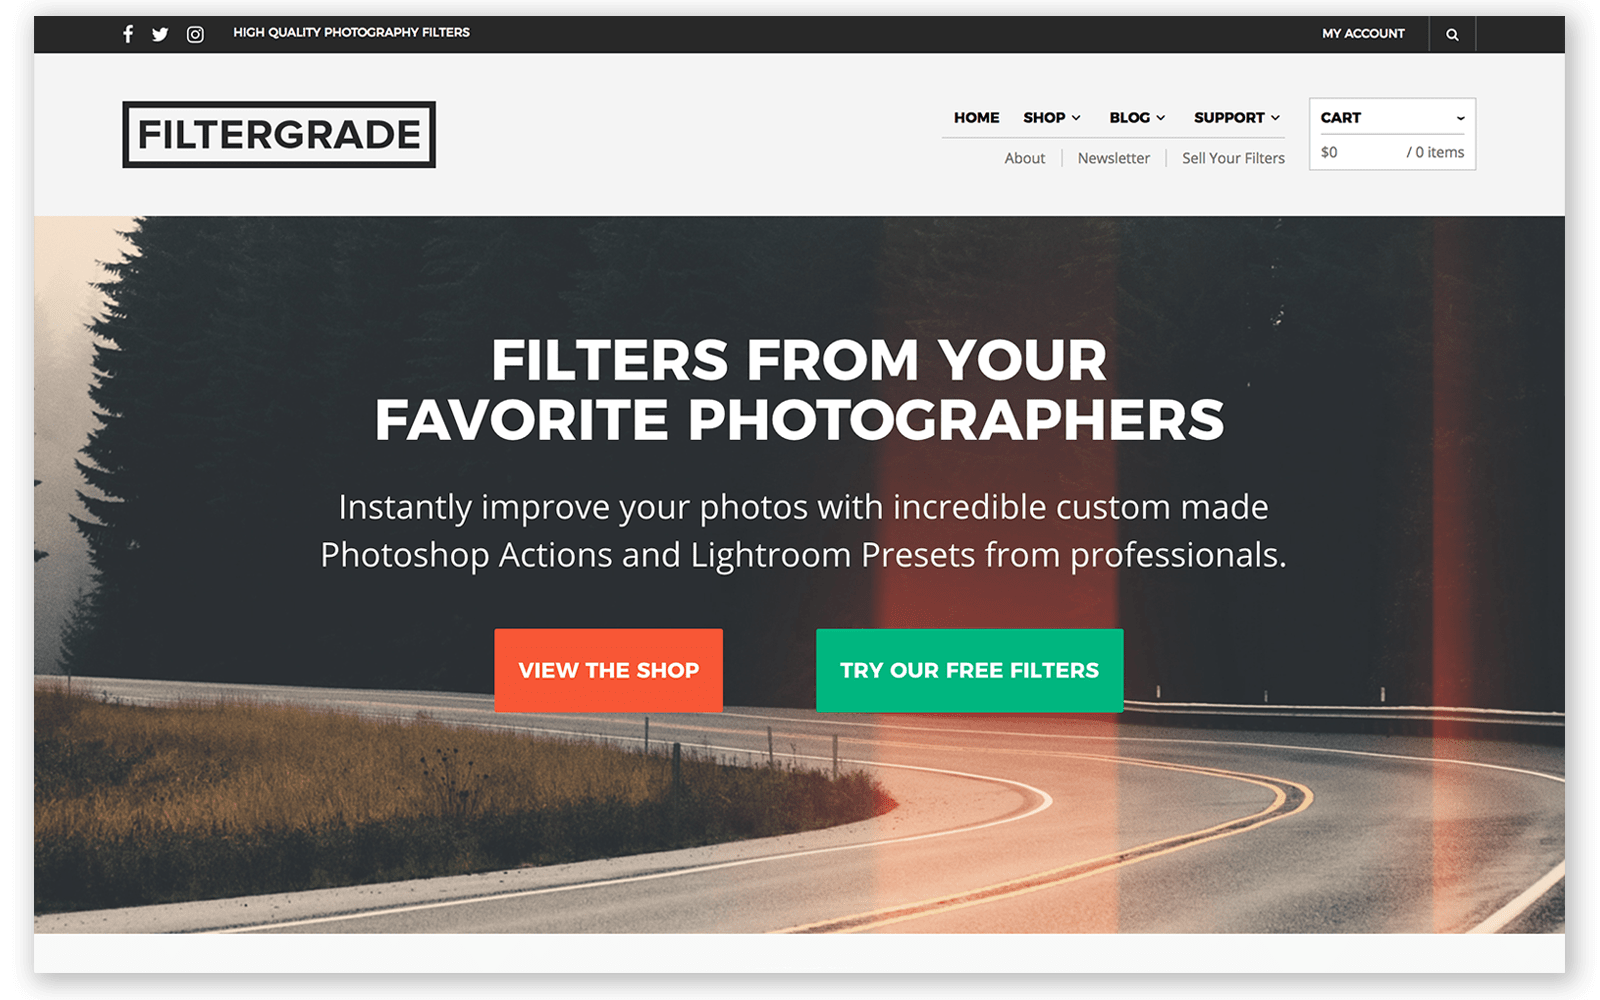 filtergrade website